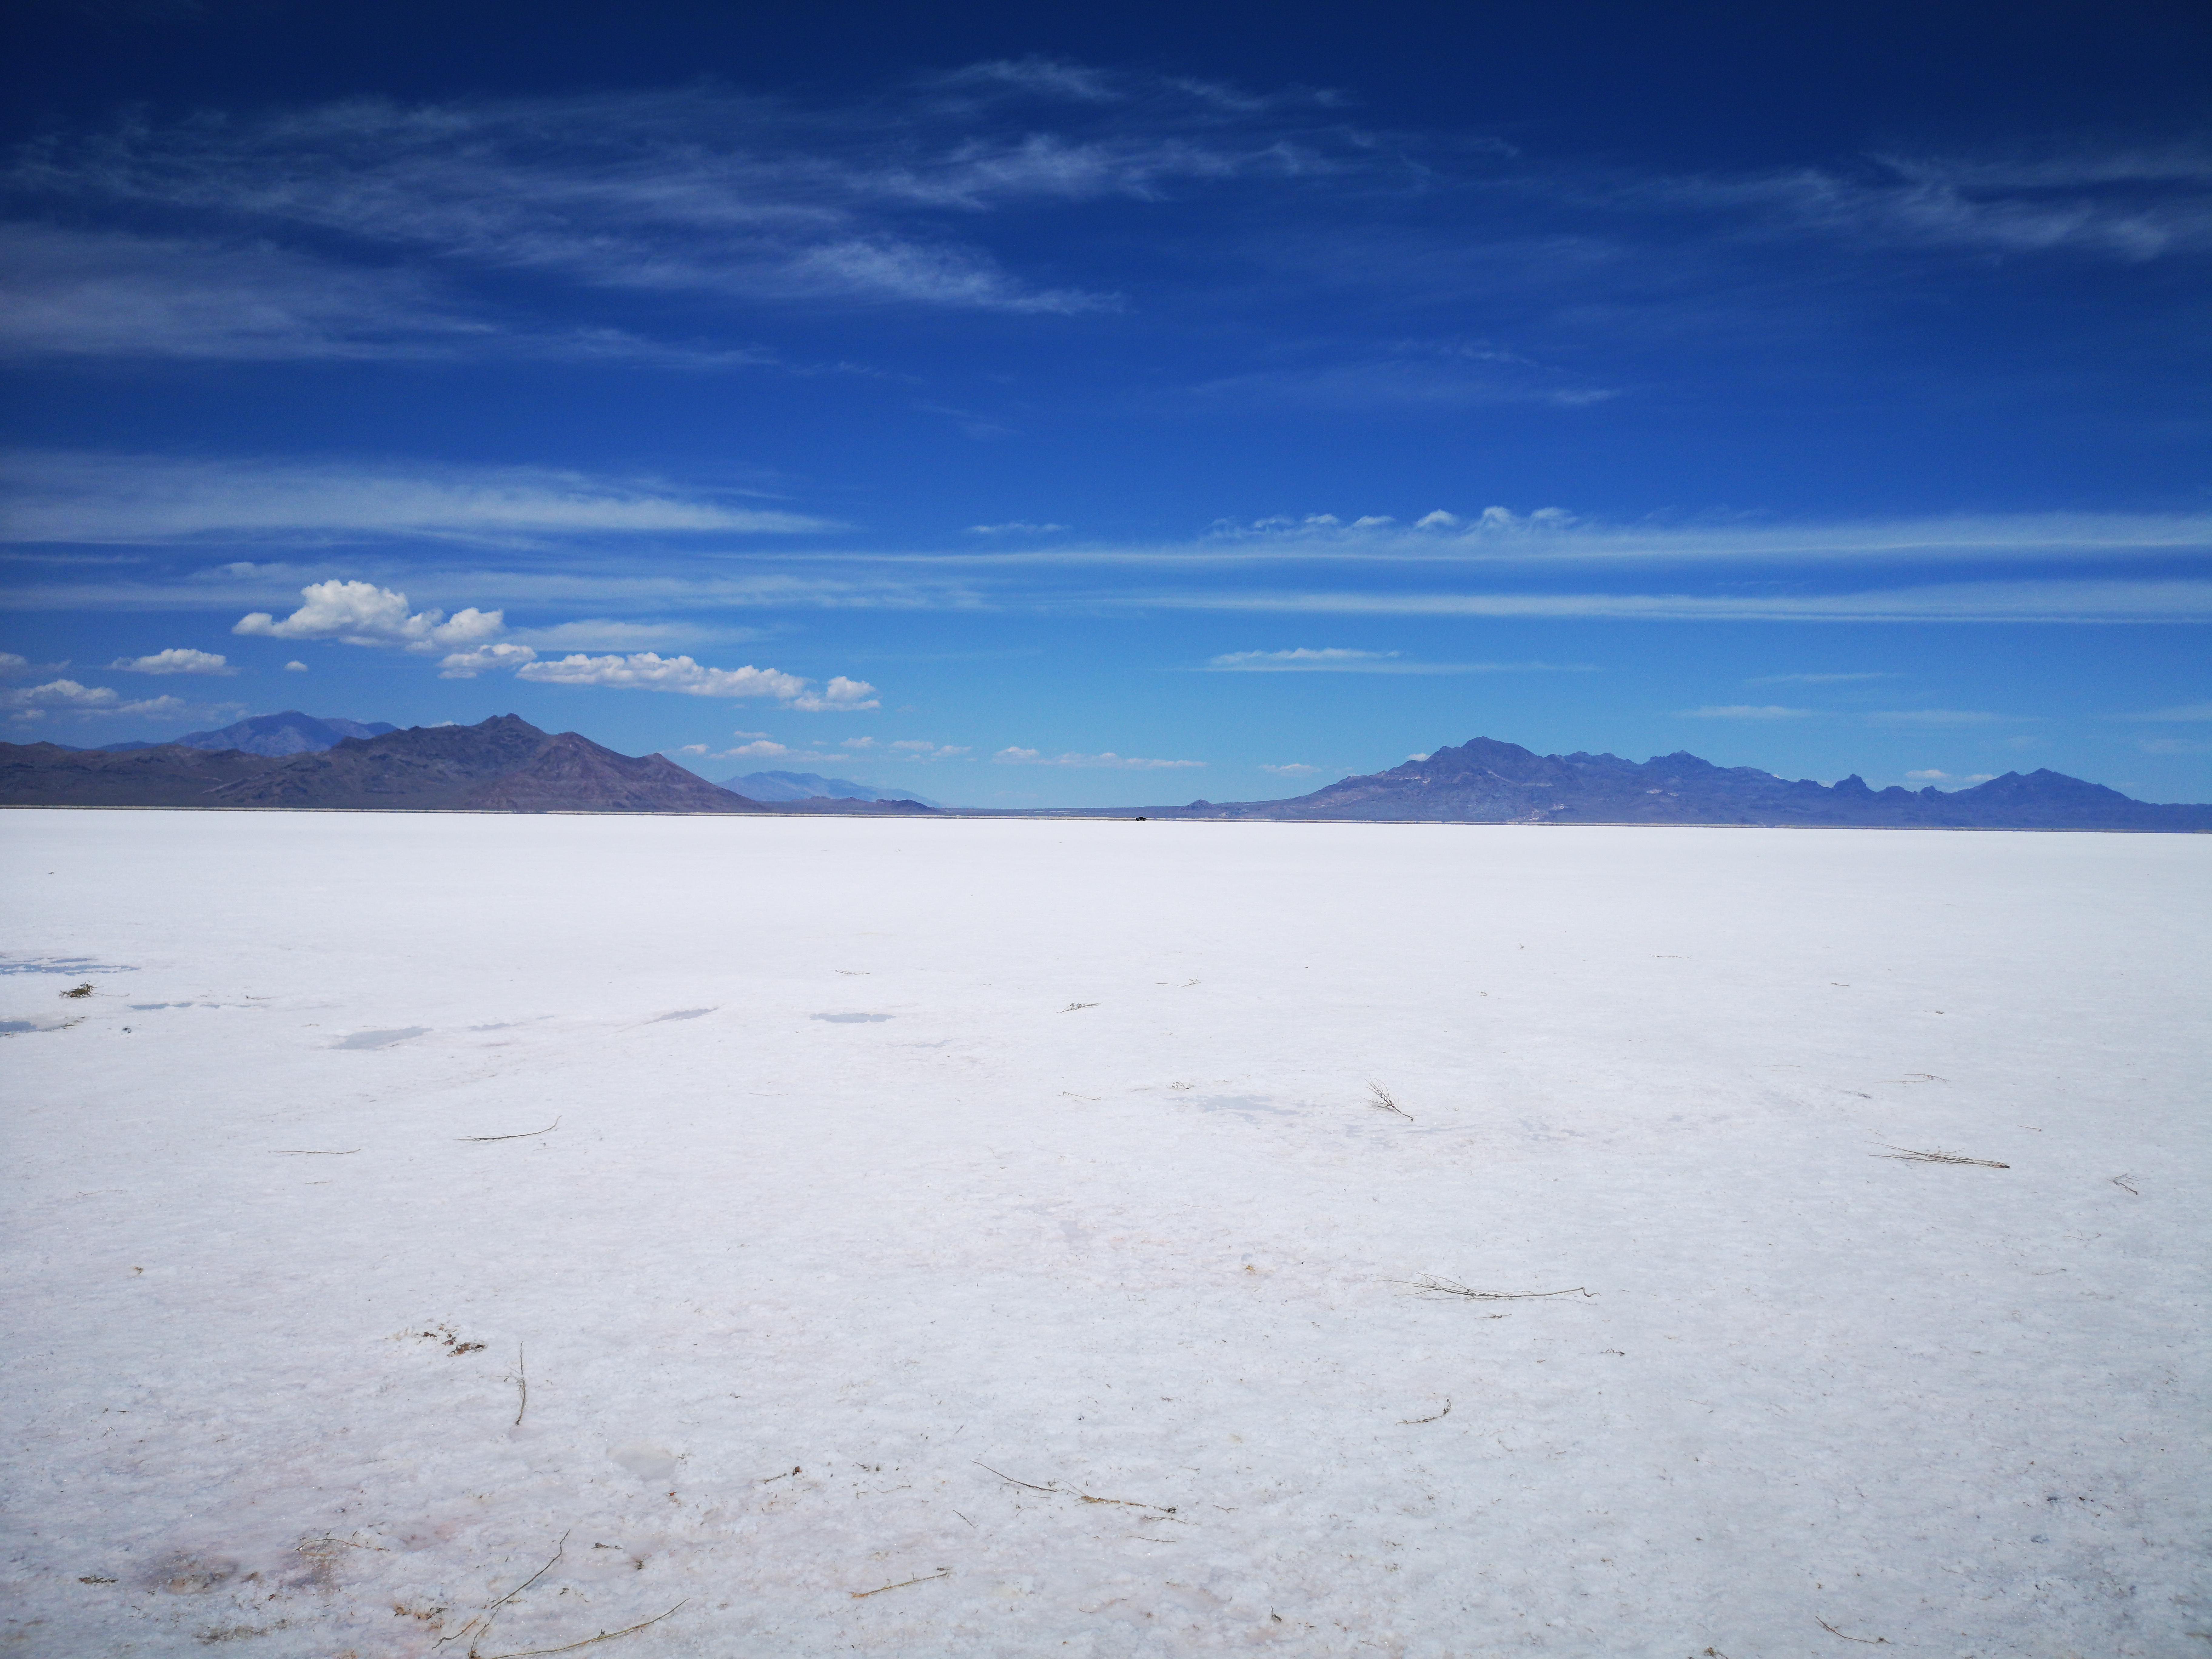 Bonneville Salt Flats Salt Lake City Ut 7296x5472 Oc Music Indieartist Chicago Salt Lake City Ut Salt Lake City Lake